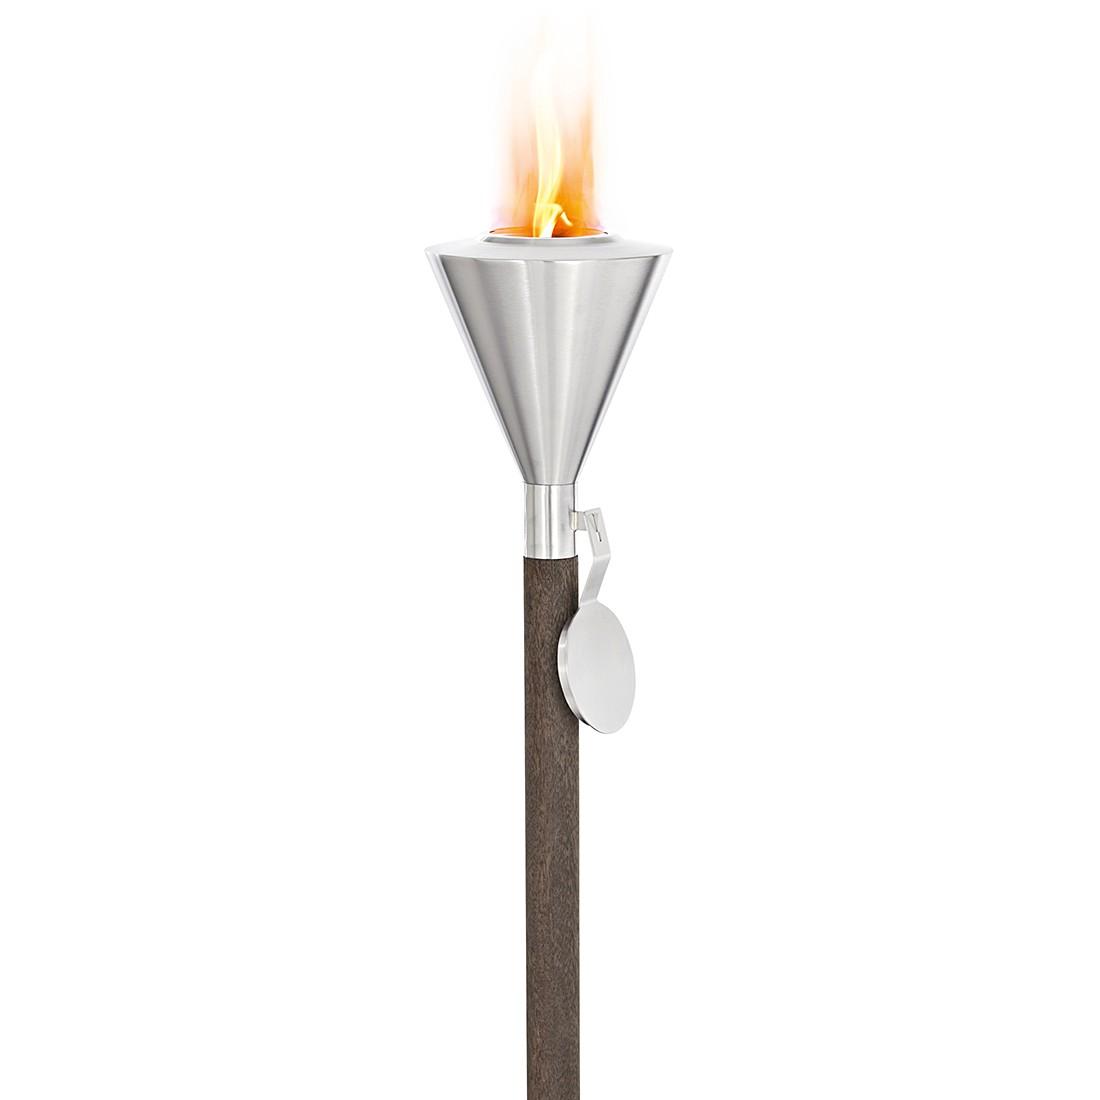 Gartenfackel Orchos – Für Brenngel, Blomus bestellen